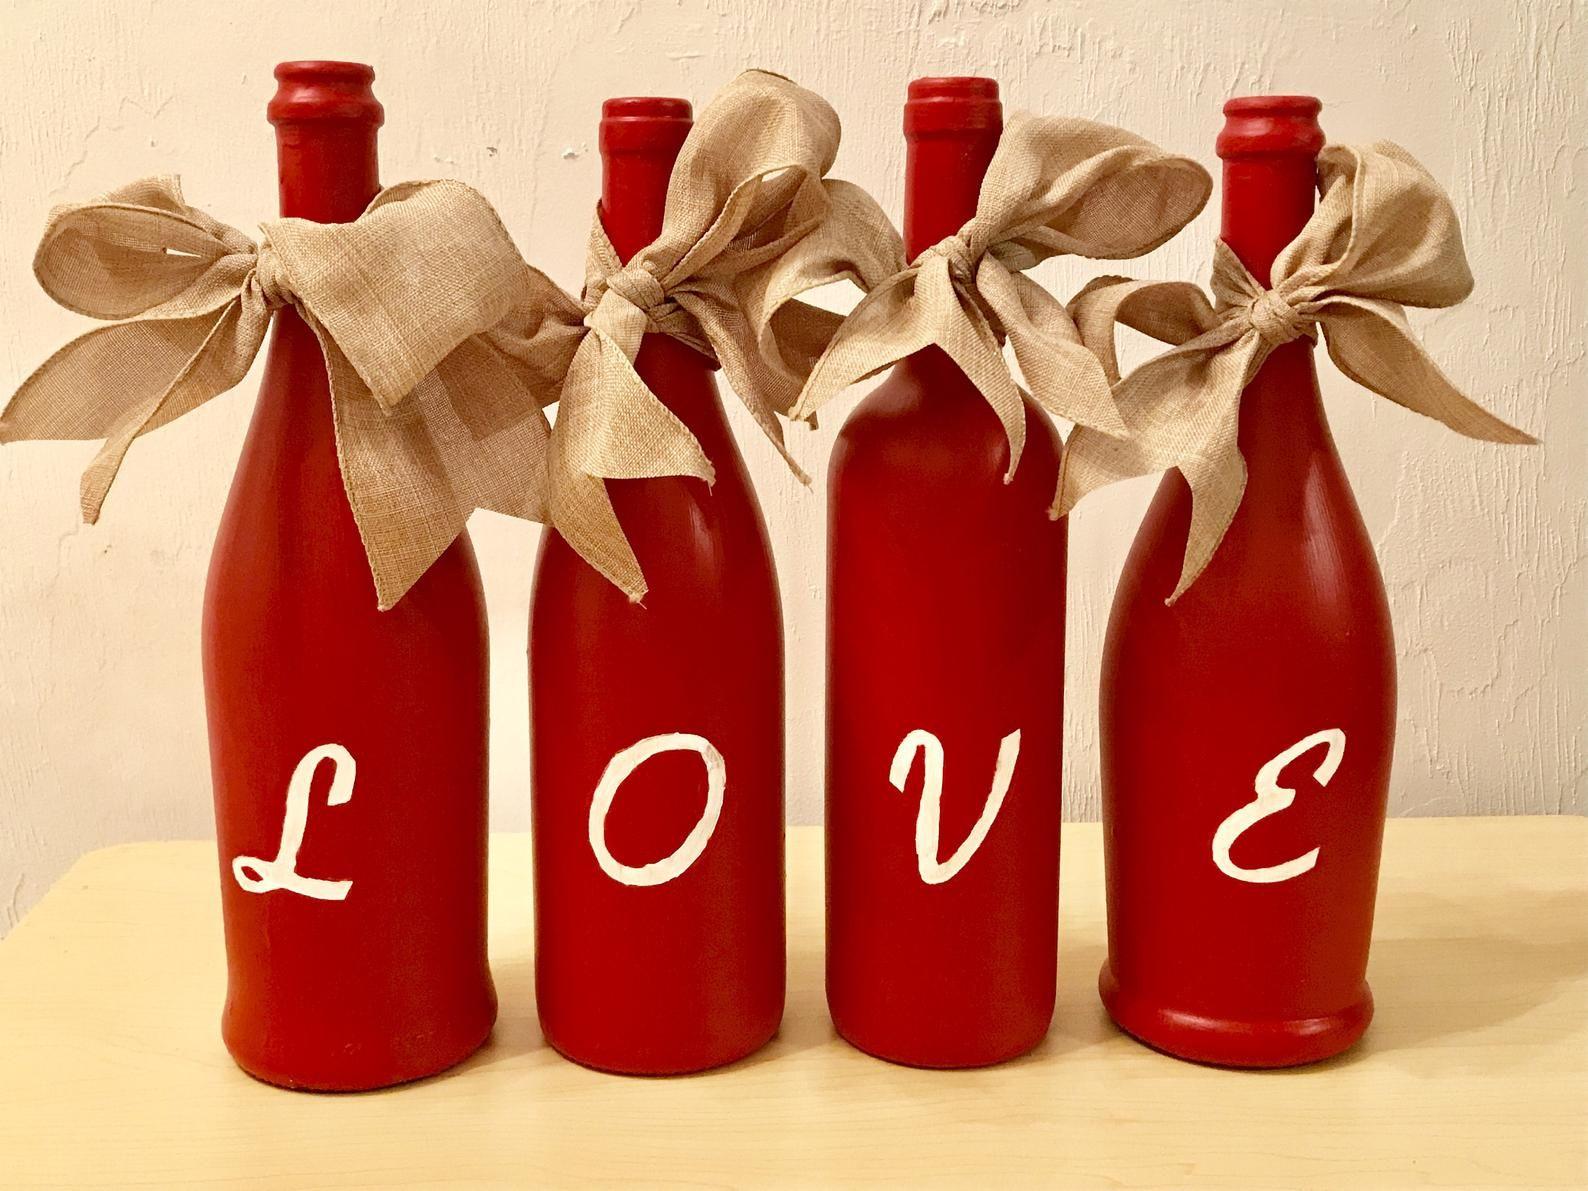 Love Wine Bottles Valentine S Day Decor Wedding Etsy In 2020 Valentines Wine Bottles Christmas Wine Bottles Hand Painted Wine Bottles